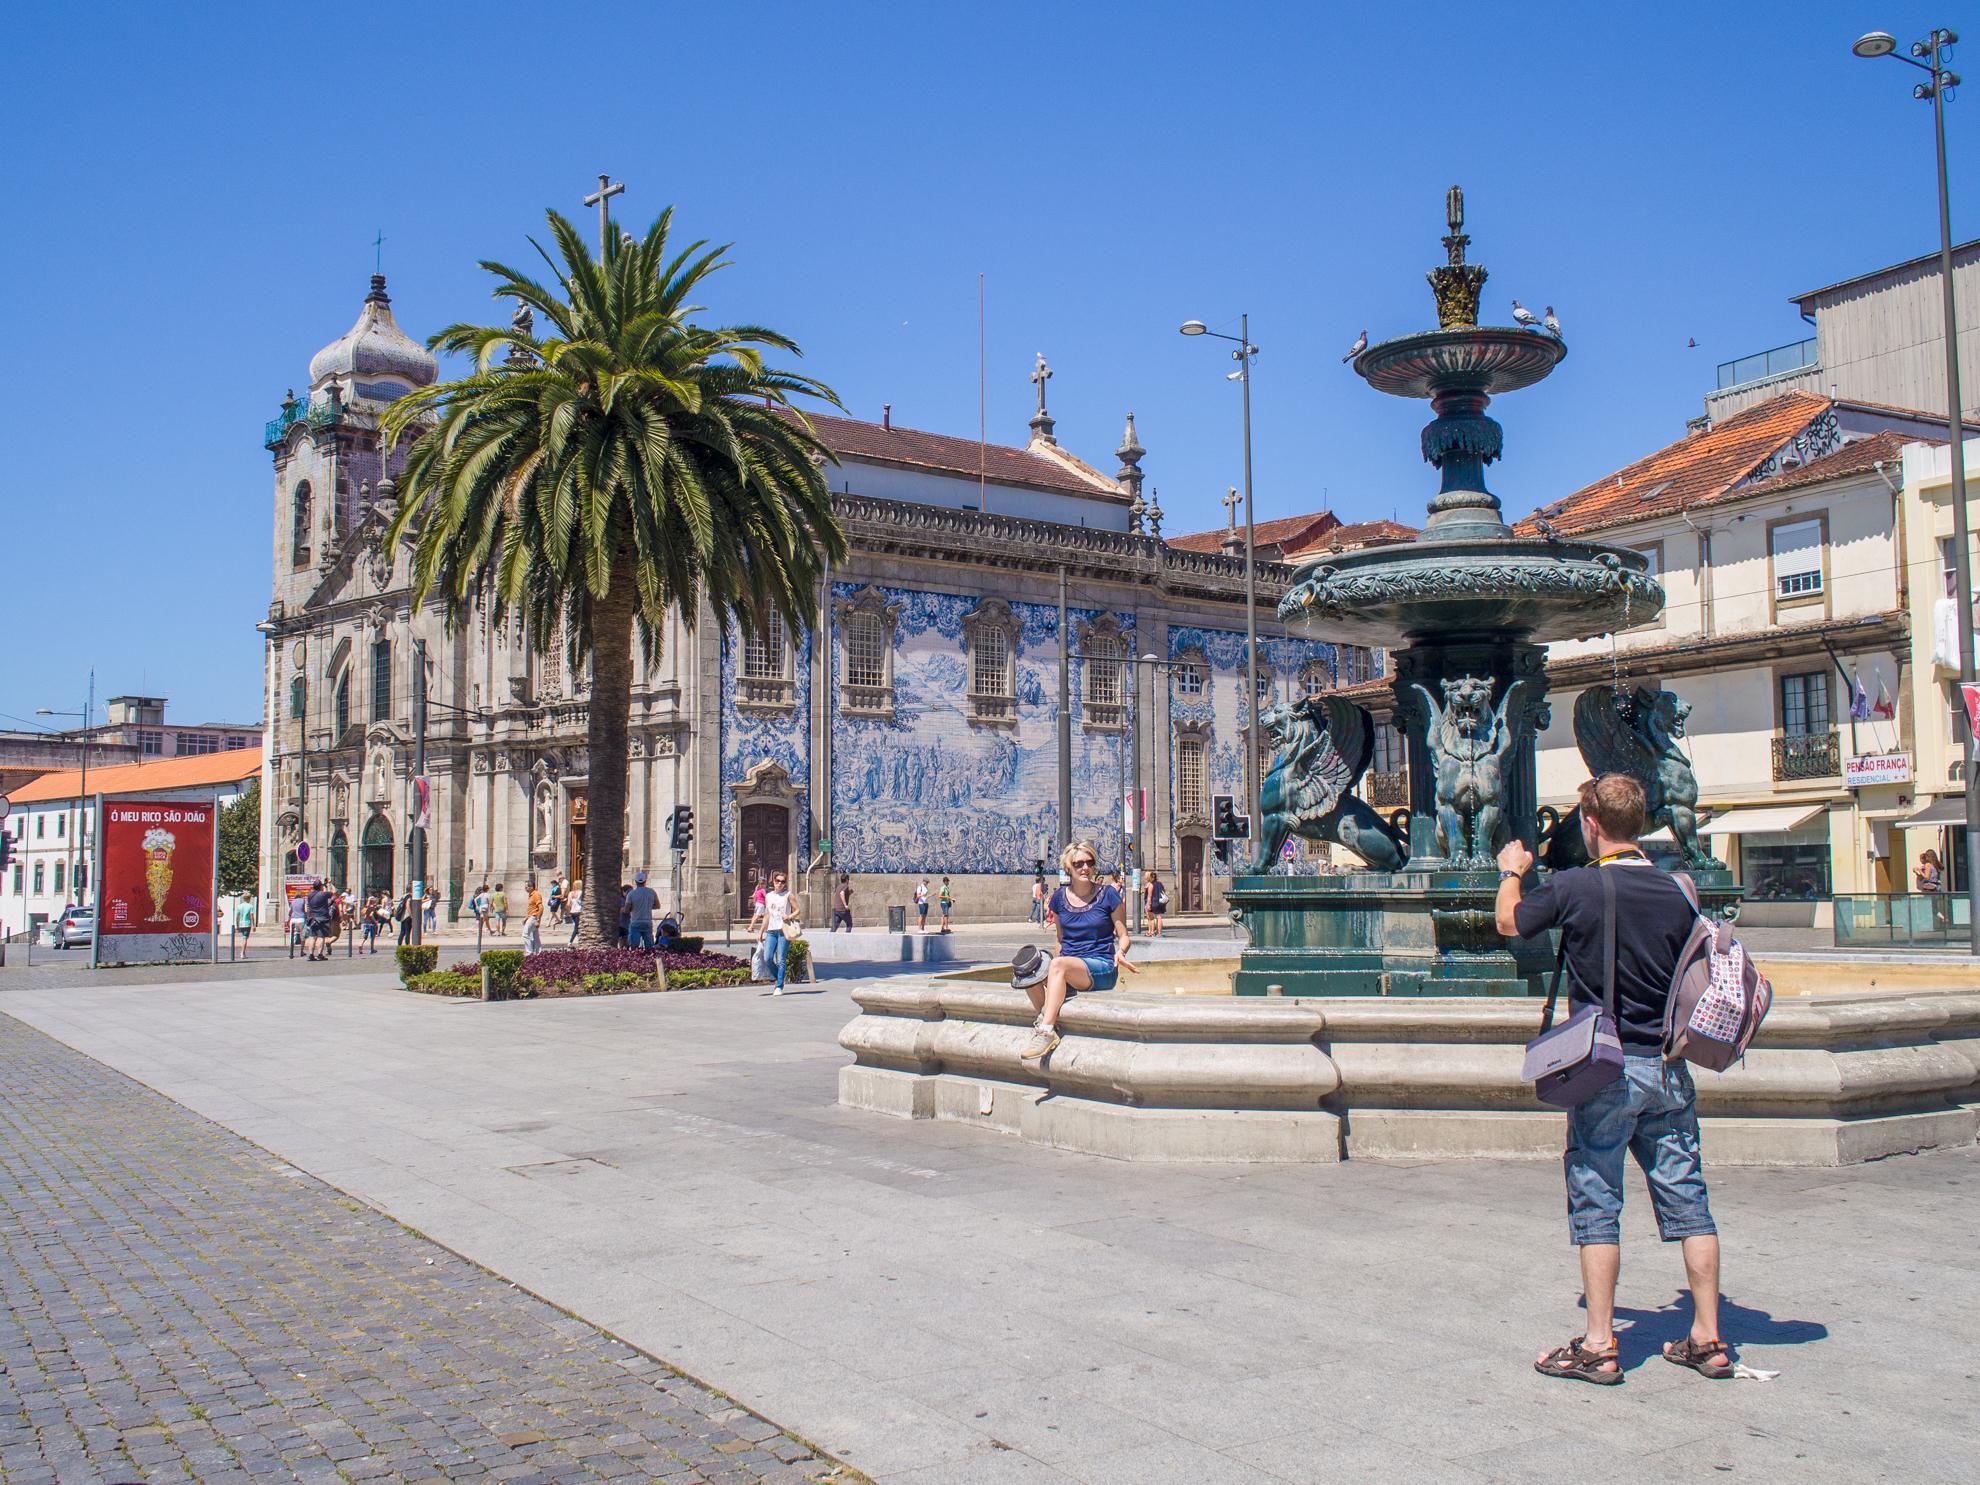 Plaza Gomes Teixeira, con la fuente de los Leones y la Iglesia del Carmo, la Iglesia del Carmelo Descalzo y la Casa Escondida, considerada la casa más estrecha de la ciudad de Oporto